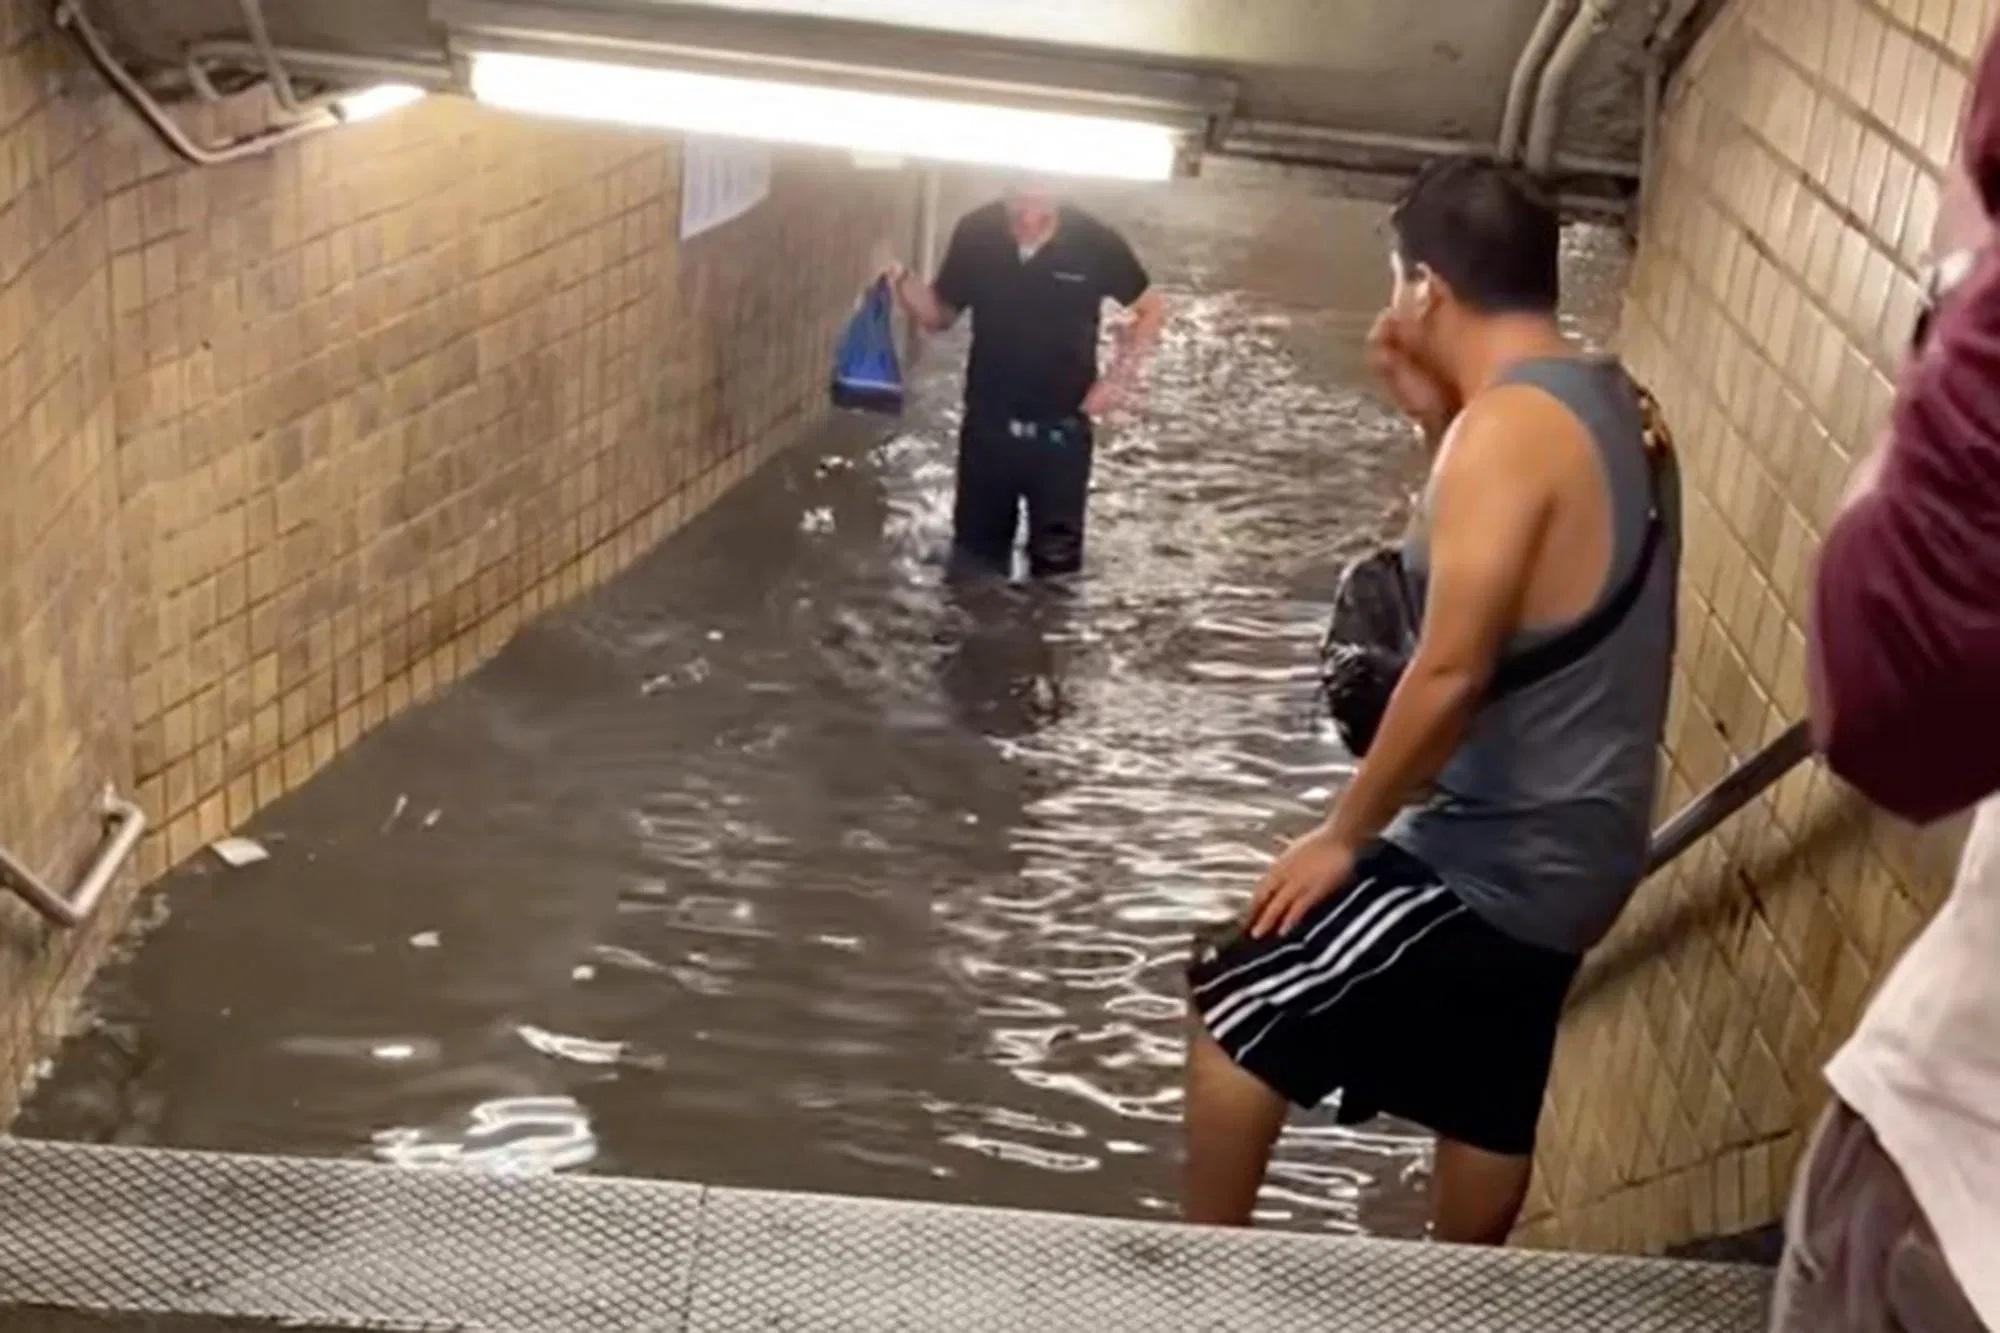 Νέα Υόρκη: Σταθμοί του Μετρό μετατράπηκαν σε λίμνες – Απίστευτες εικόνες